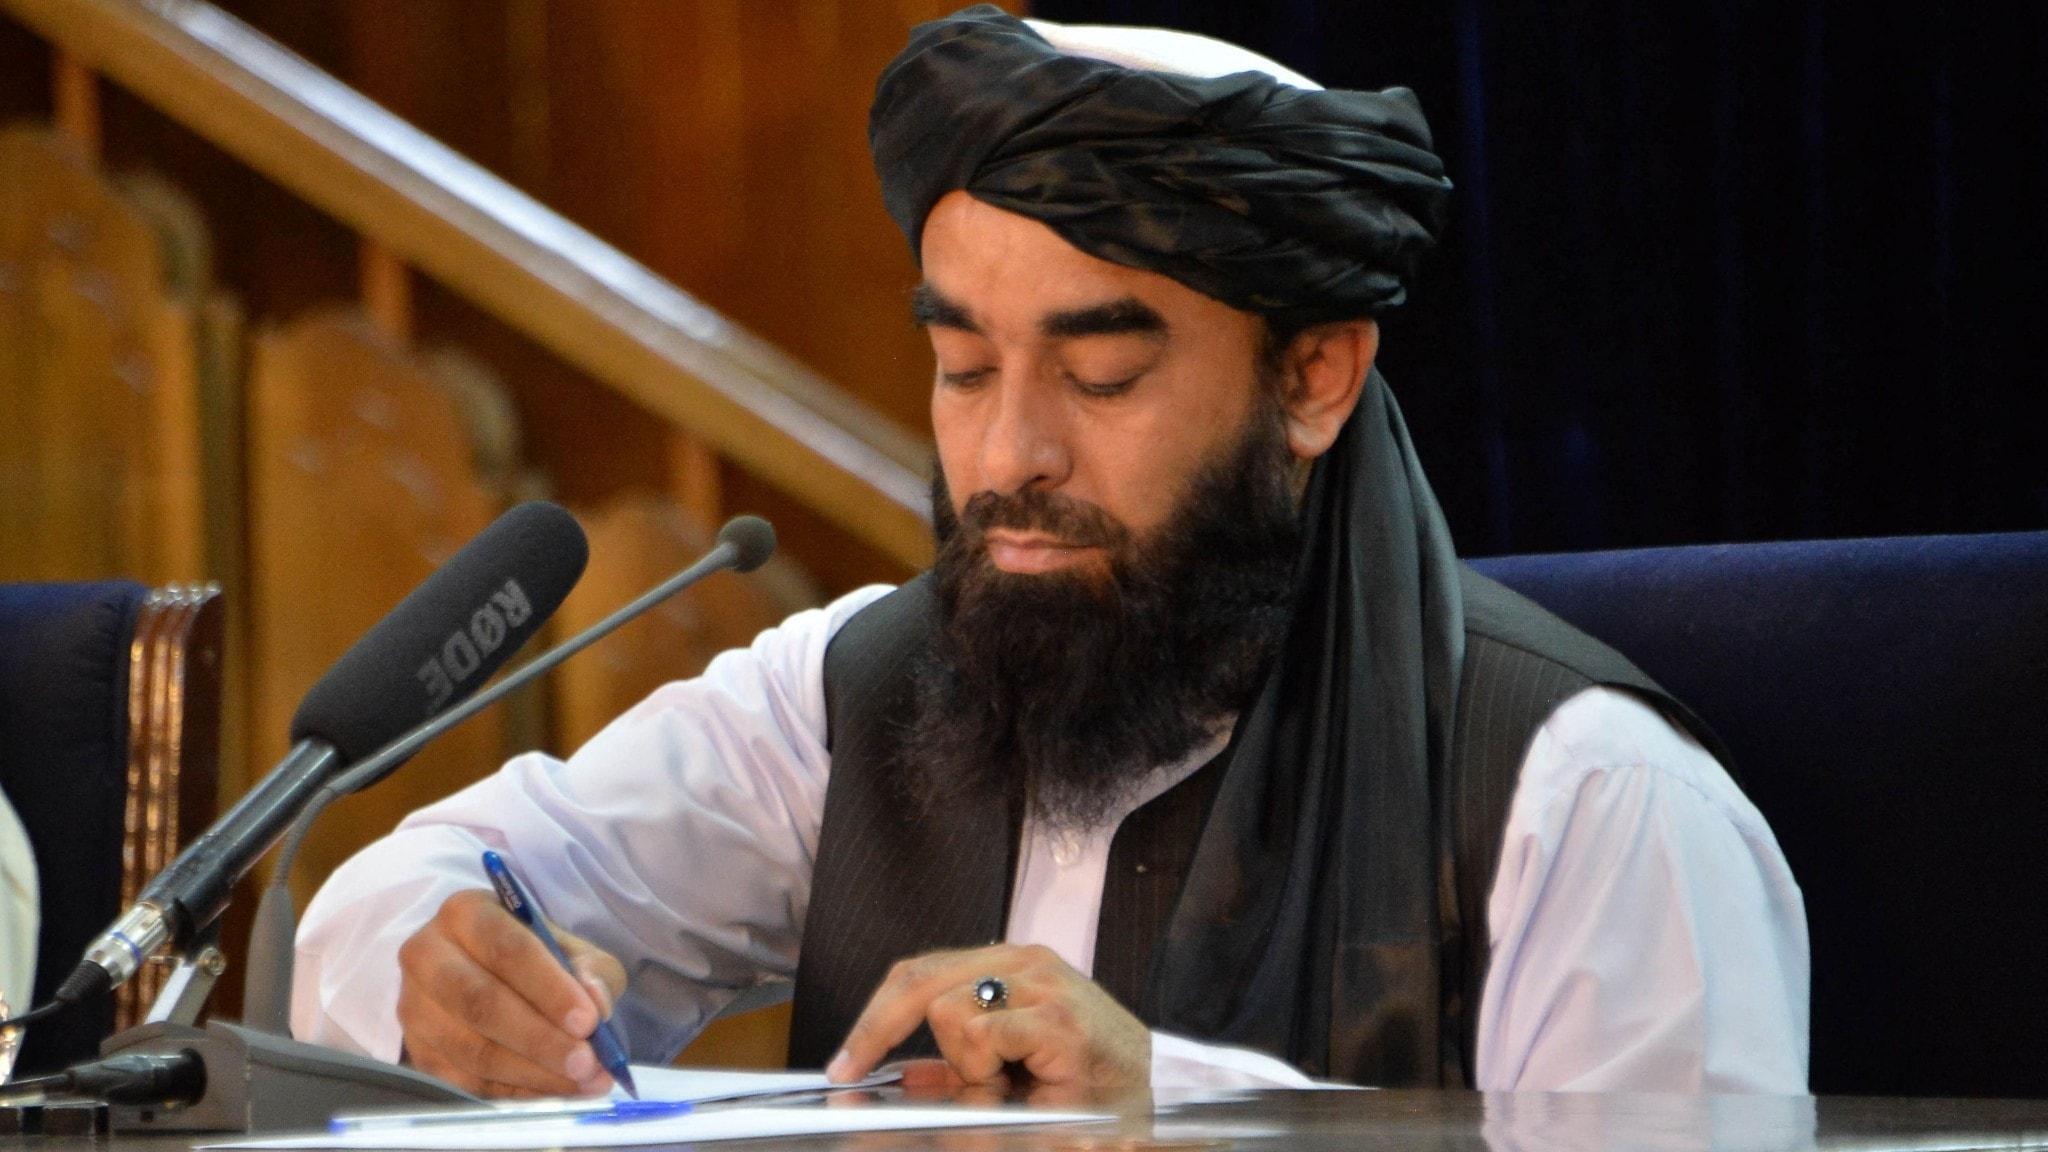 Talibanernas talesperson antecknar under en presskonferens i Kabul 24/8 strax efter att gruppen överraskande tagit makten i Afghanistan.